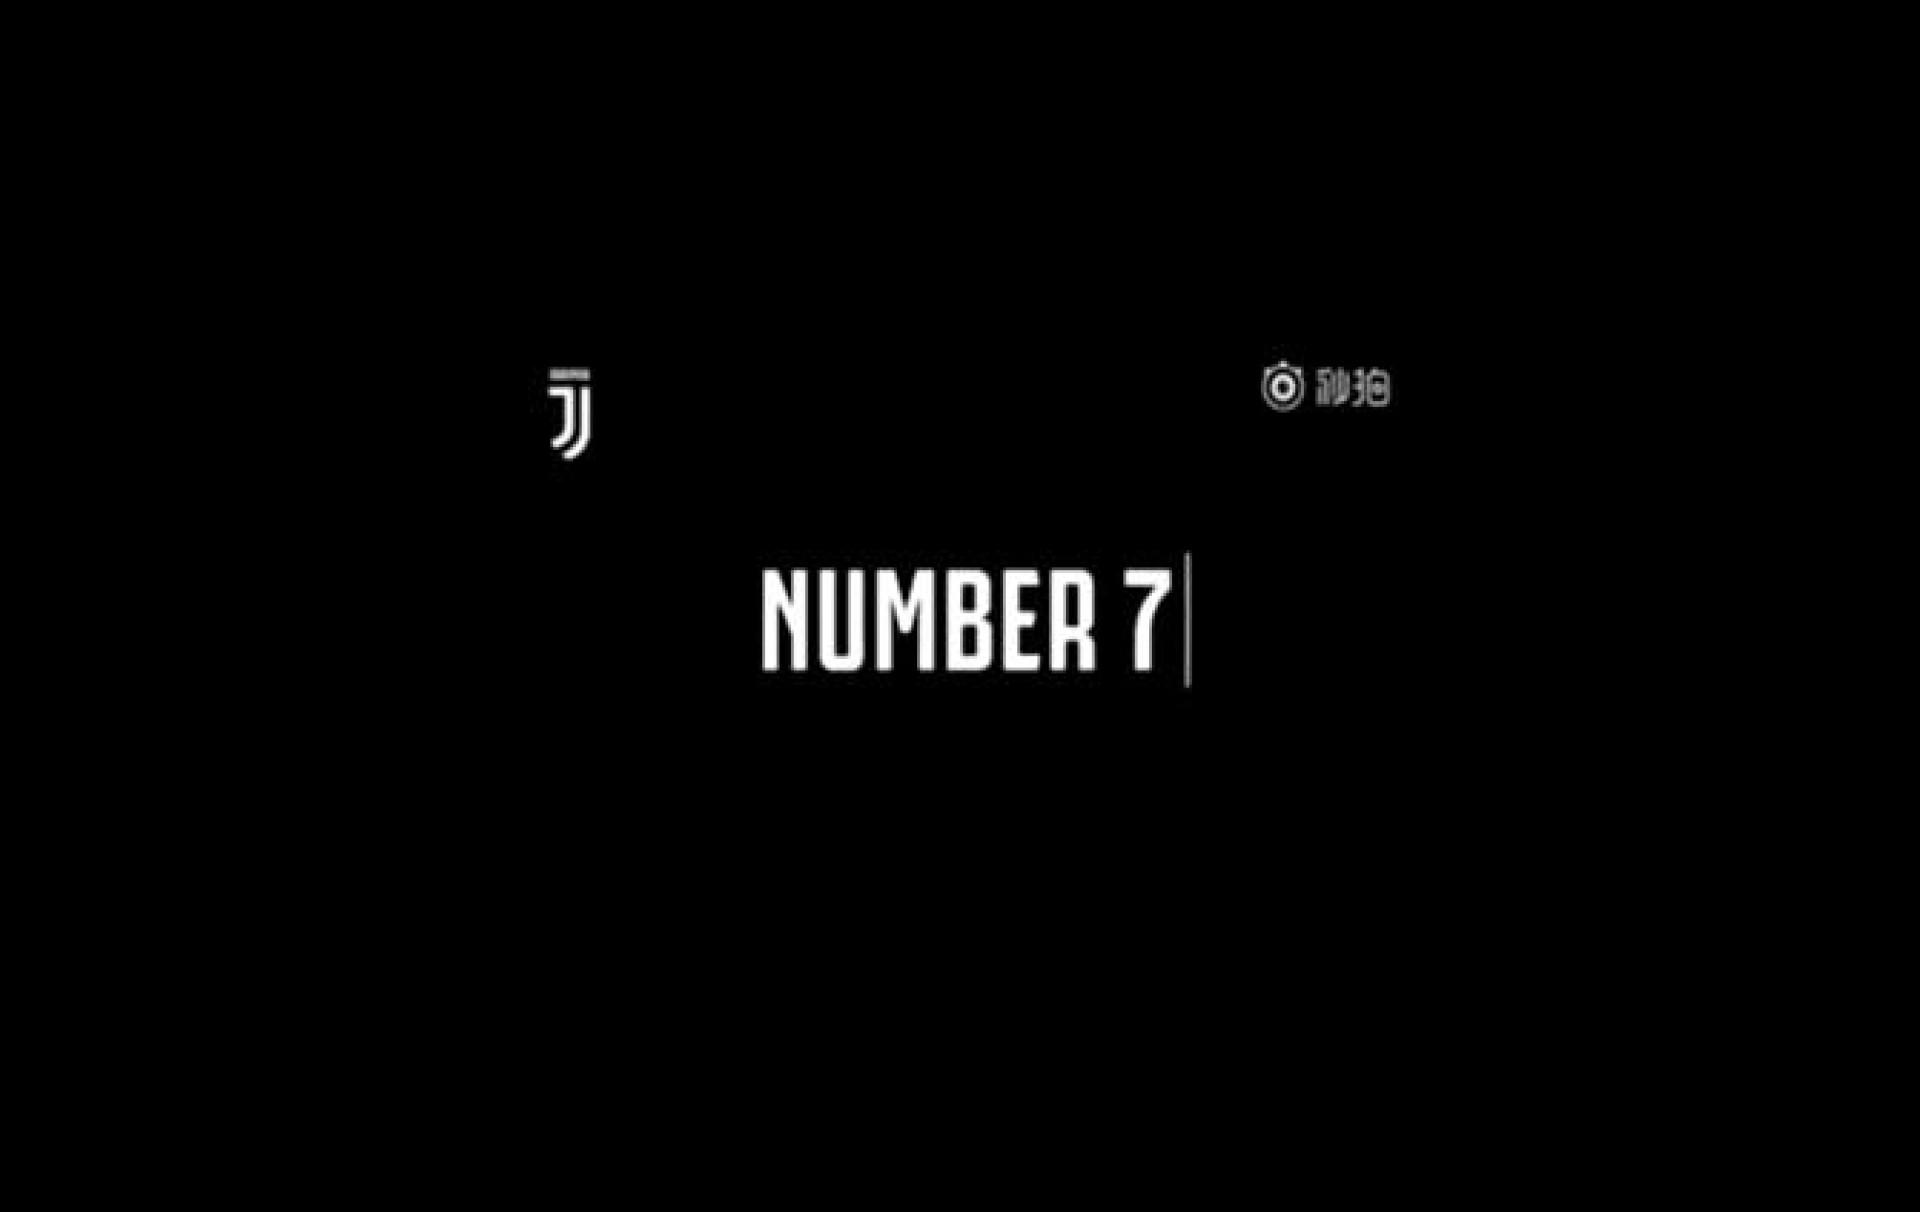 Com Ronaldo a 'chegar', Juventus publica e apaga vídeo com o número...7